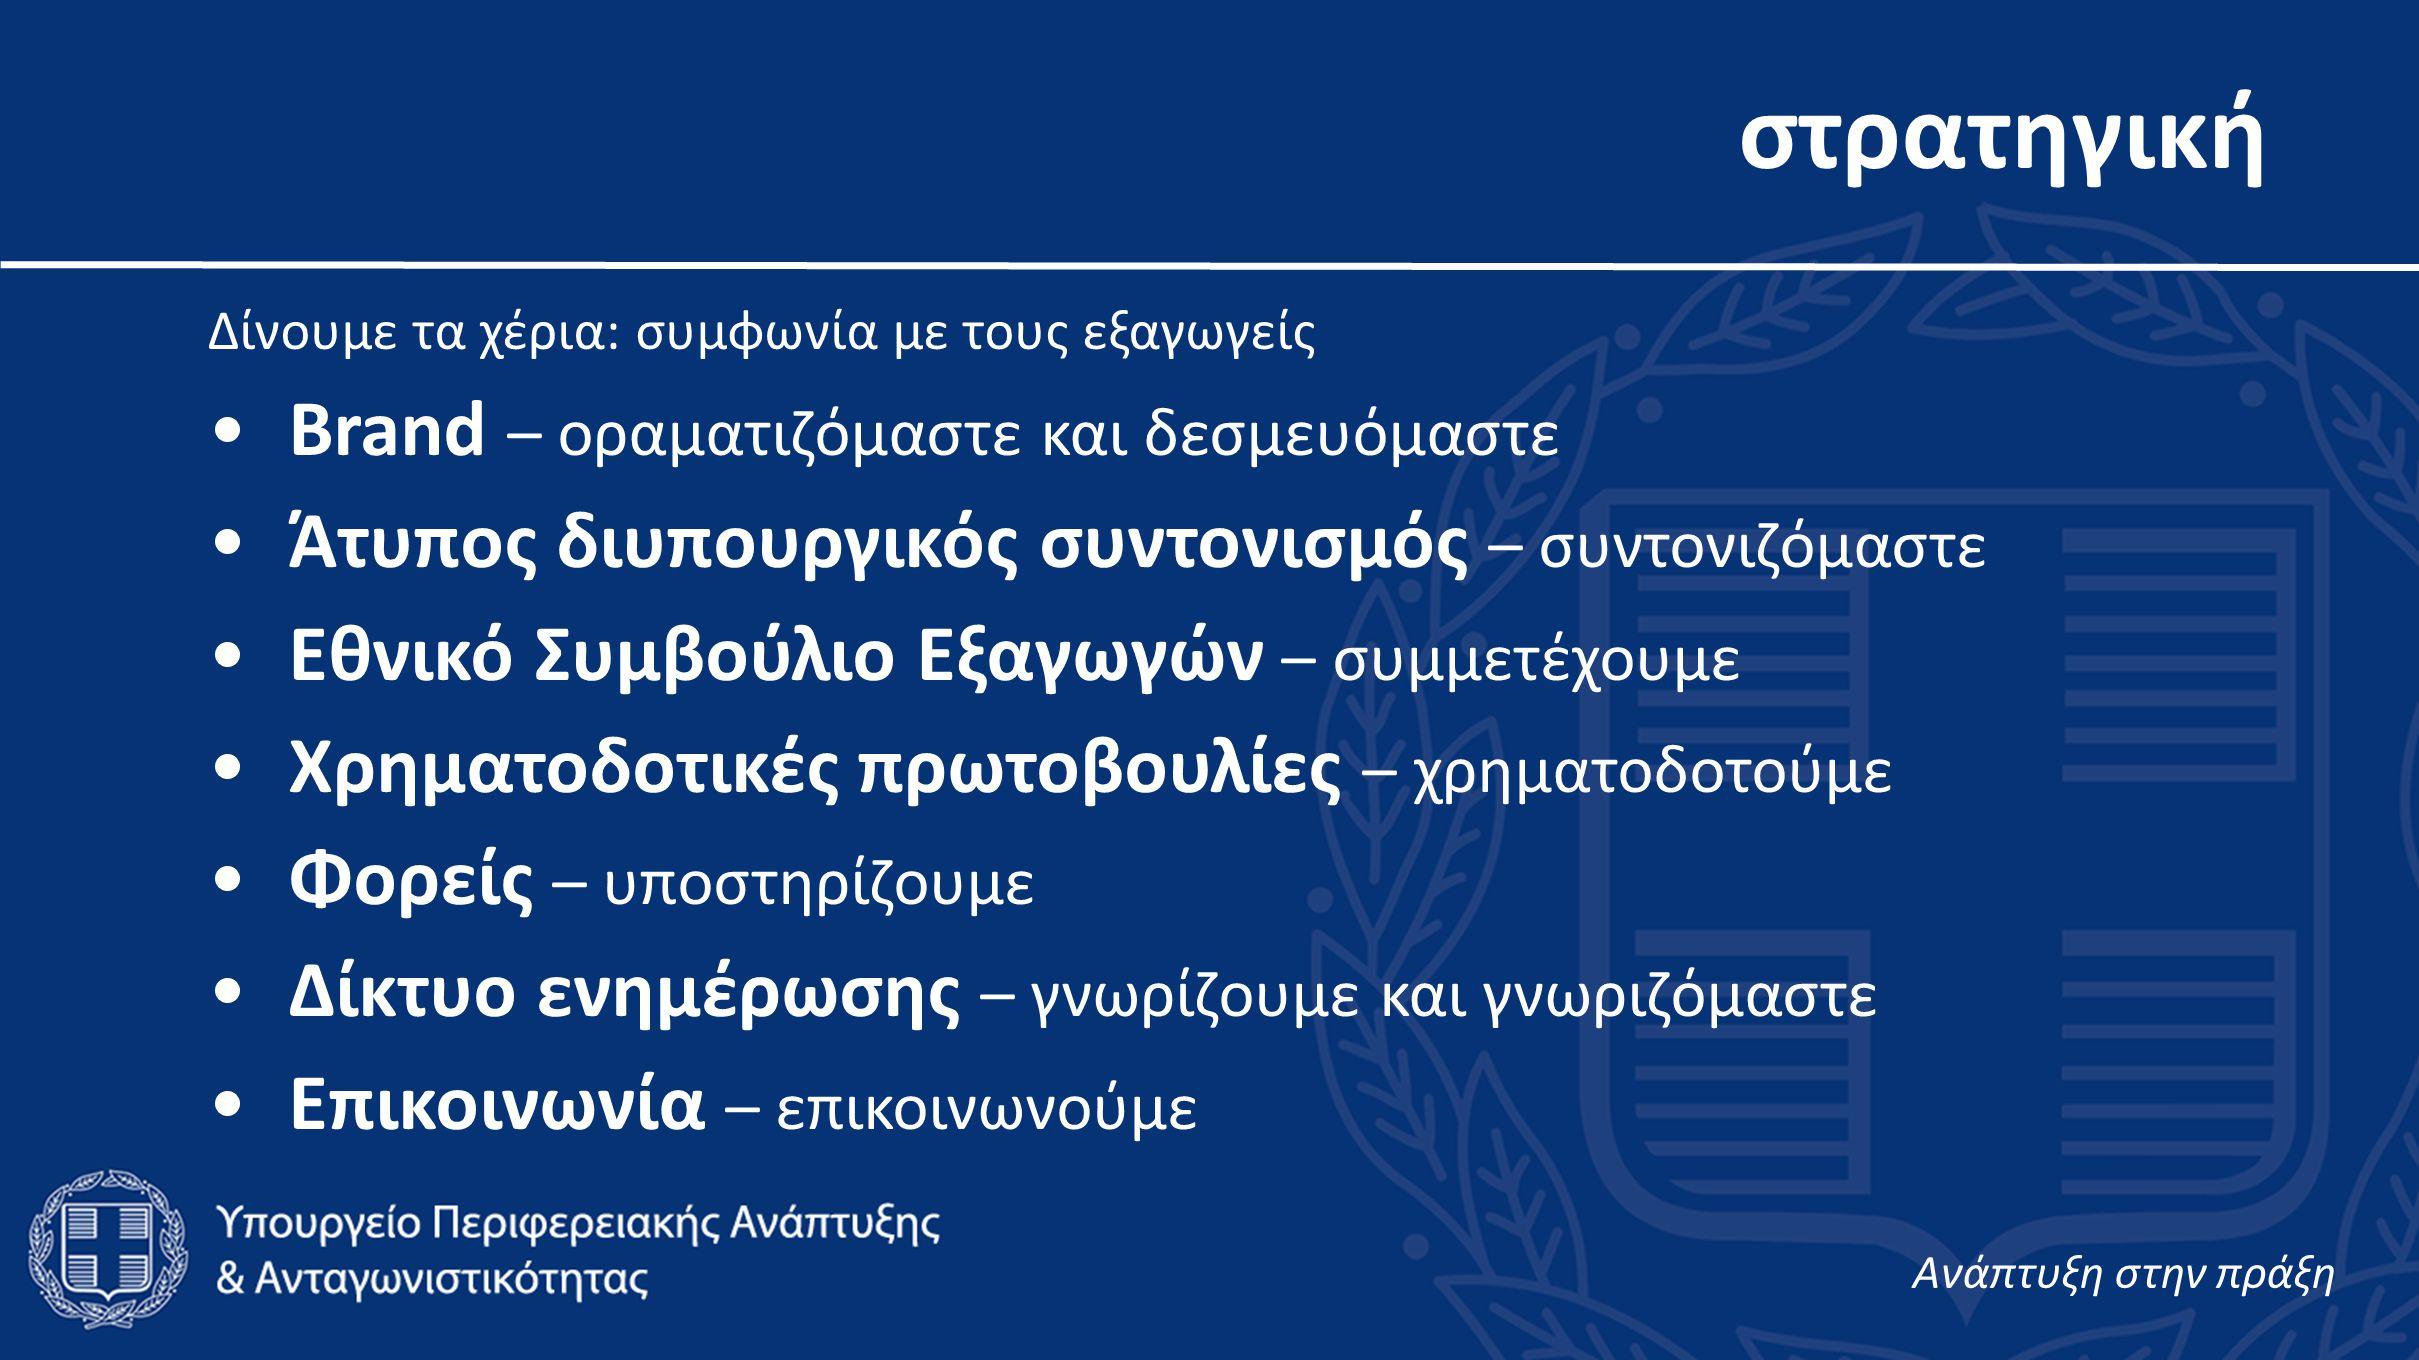 στρατηγική Δίνουμε τα χέρια: συμφωνία με τους εξαγωγείς •Brand – οραματιζόμαστε και δεσμευόμαστε •Άτυπος διυπουργικός συντονισμός – συντονιζόμαστε •Εθνικό Συμβούλιο Εξαγωγών – συμμετέχουμε •Χρηματοδοτικές πρωτοβουλίες – χρηματοδοτούμε •Φορείς – υποστηρίζουμε •Δίκτυο ενημέρωσης – γνωρίζουμε και γνωριζόμαστε •Επικοινωνία – επικοινωνούμε Aνάπτυξη στην πράξη